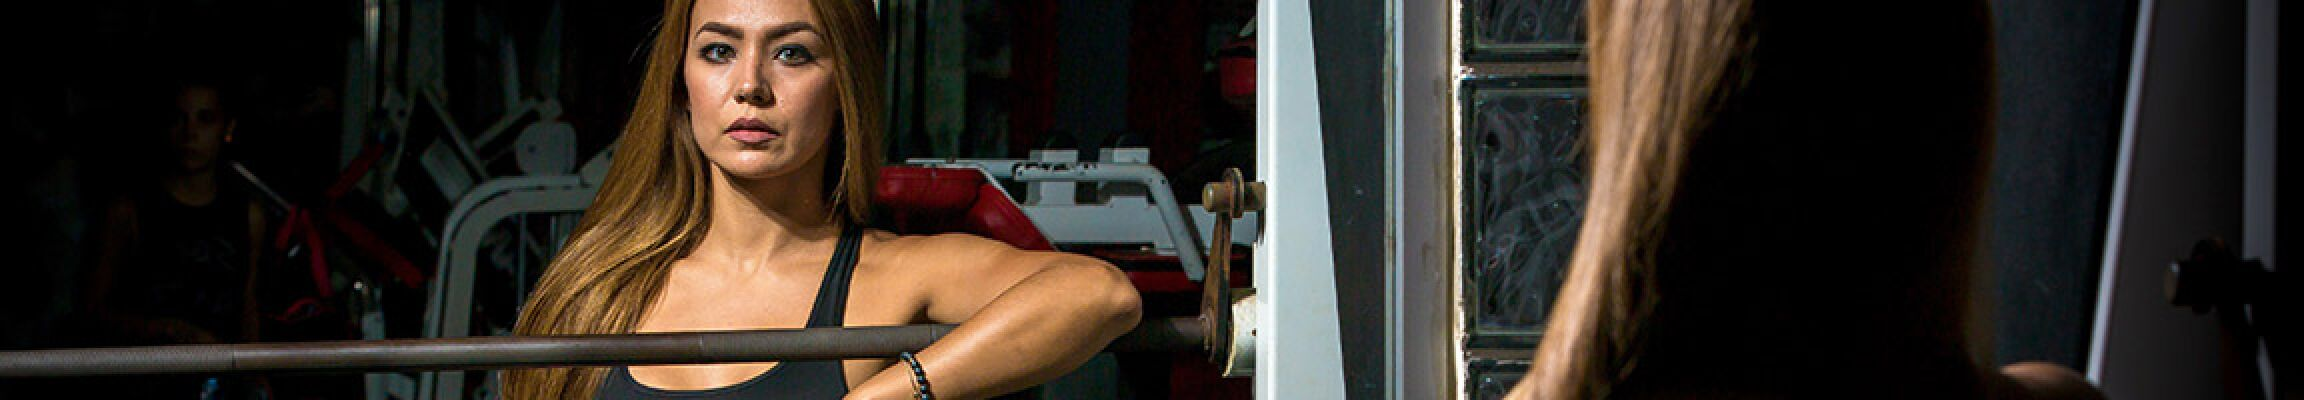 Wie oft trainieren um maximal Muskulatur aufzubauen?